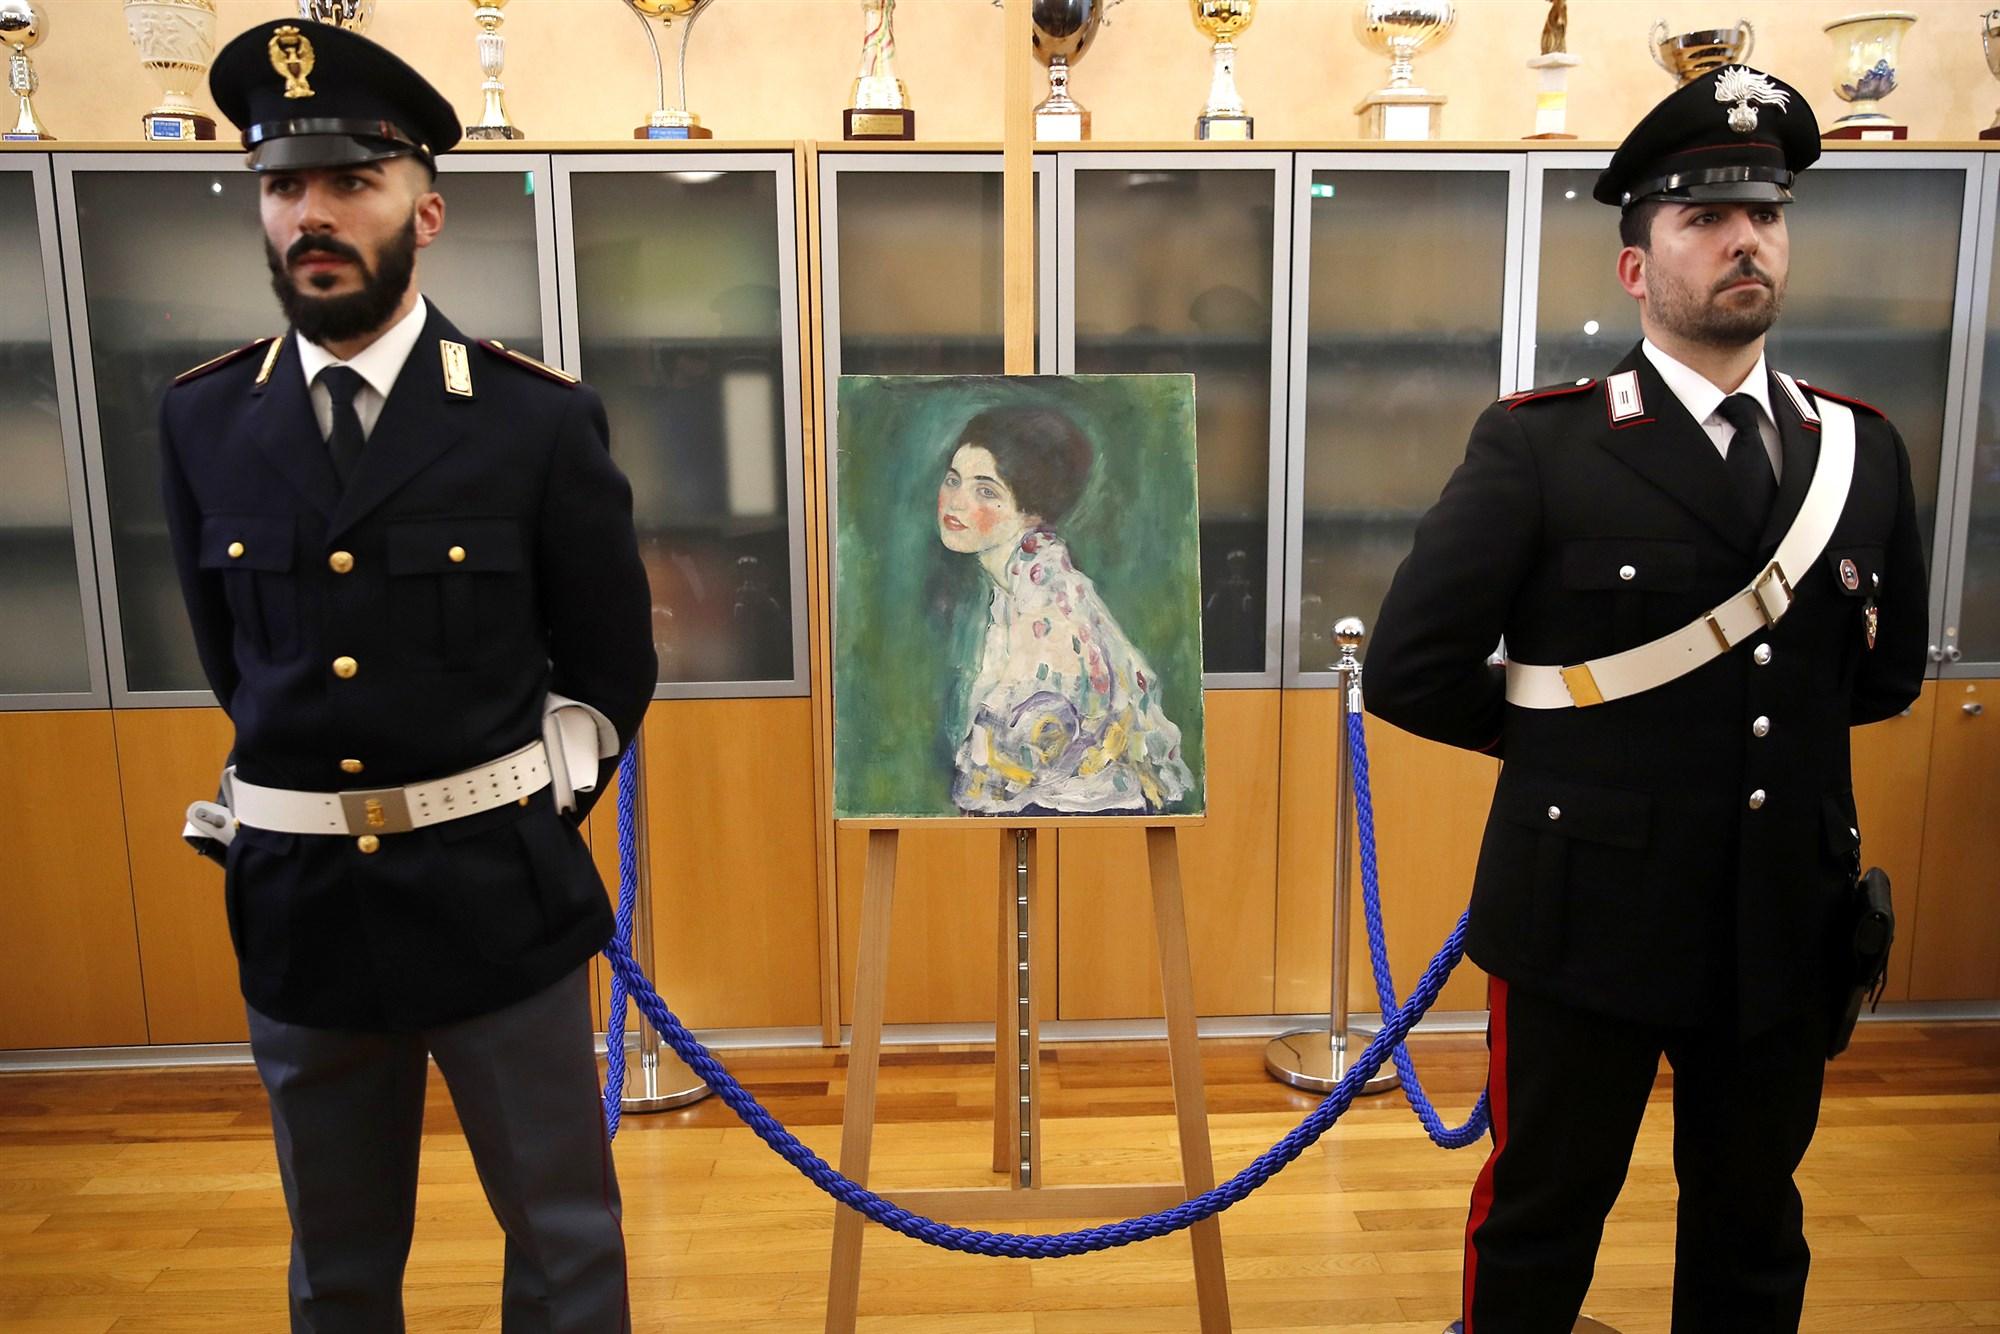 Φρουροί προστατεύουν τον πίνακα του Κλιμτ